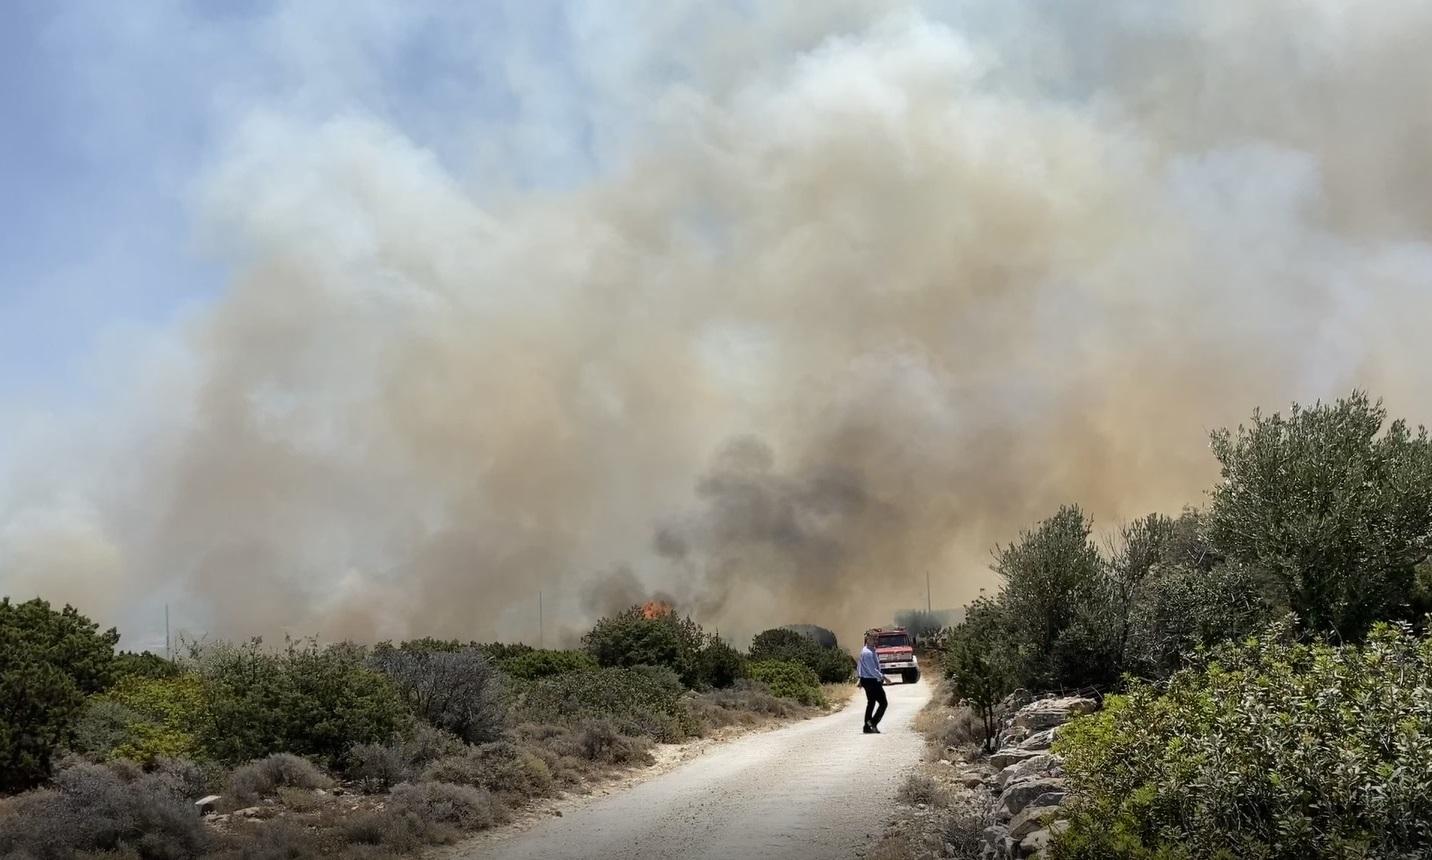 Φωτιά στην Πάρο: Οριοθετήθηκε η πυρκαγιά – Mε μικρές διάσπαρτες εστίες το μέτωπο